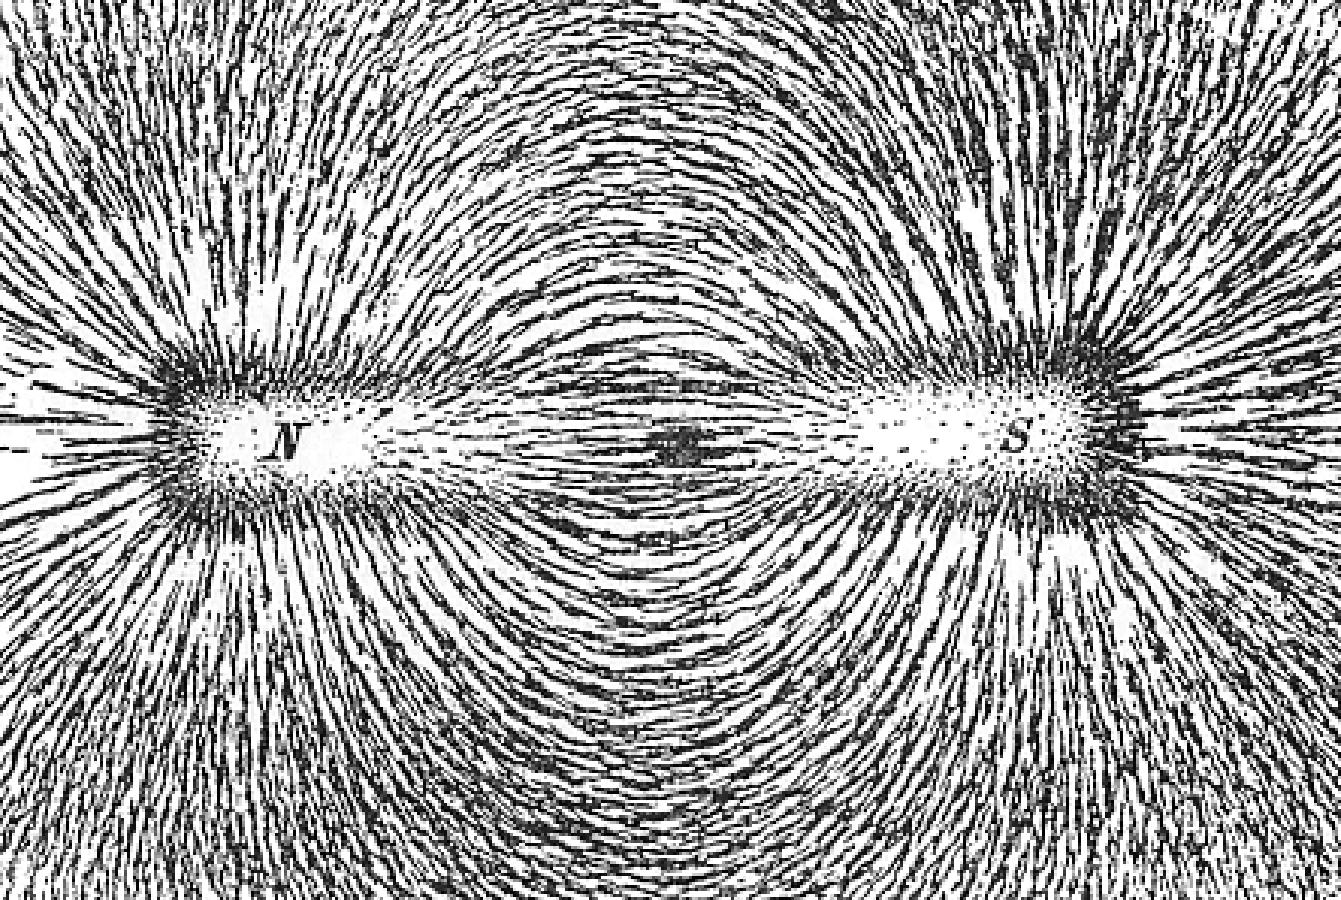 forma del campo magnetico limaduras de hierro